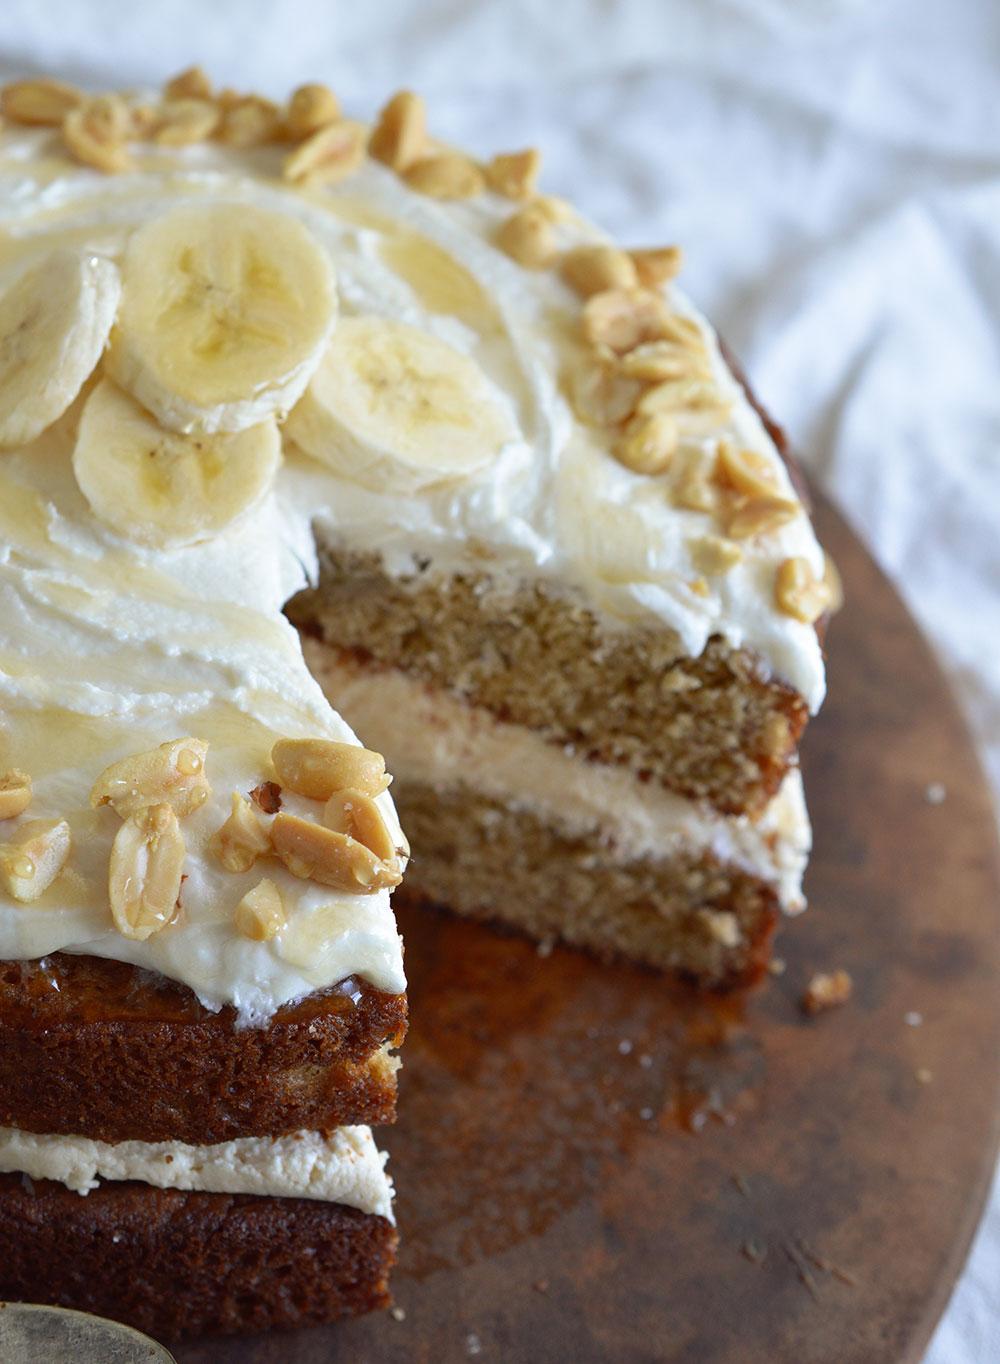 Brown Sugar Filling For Banana Cake